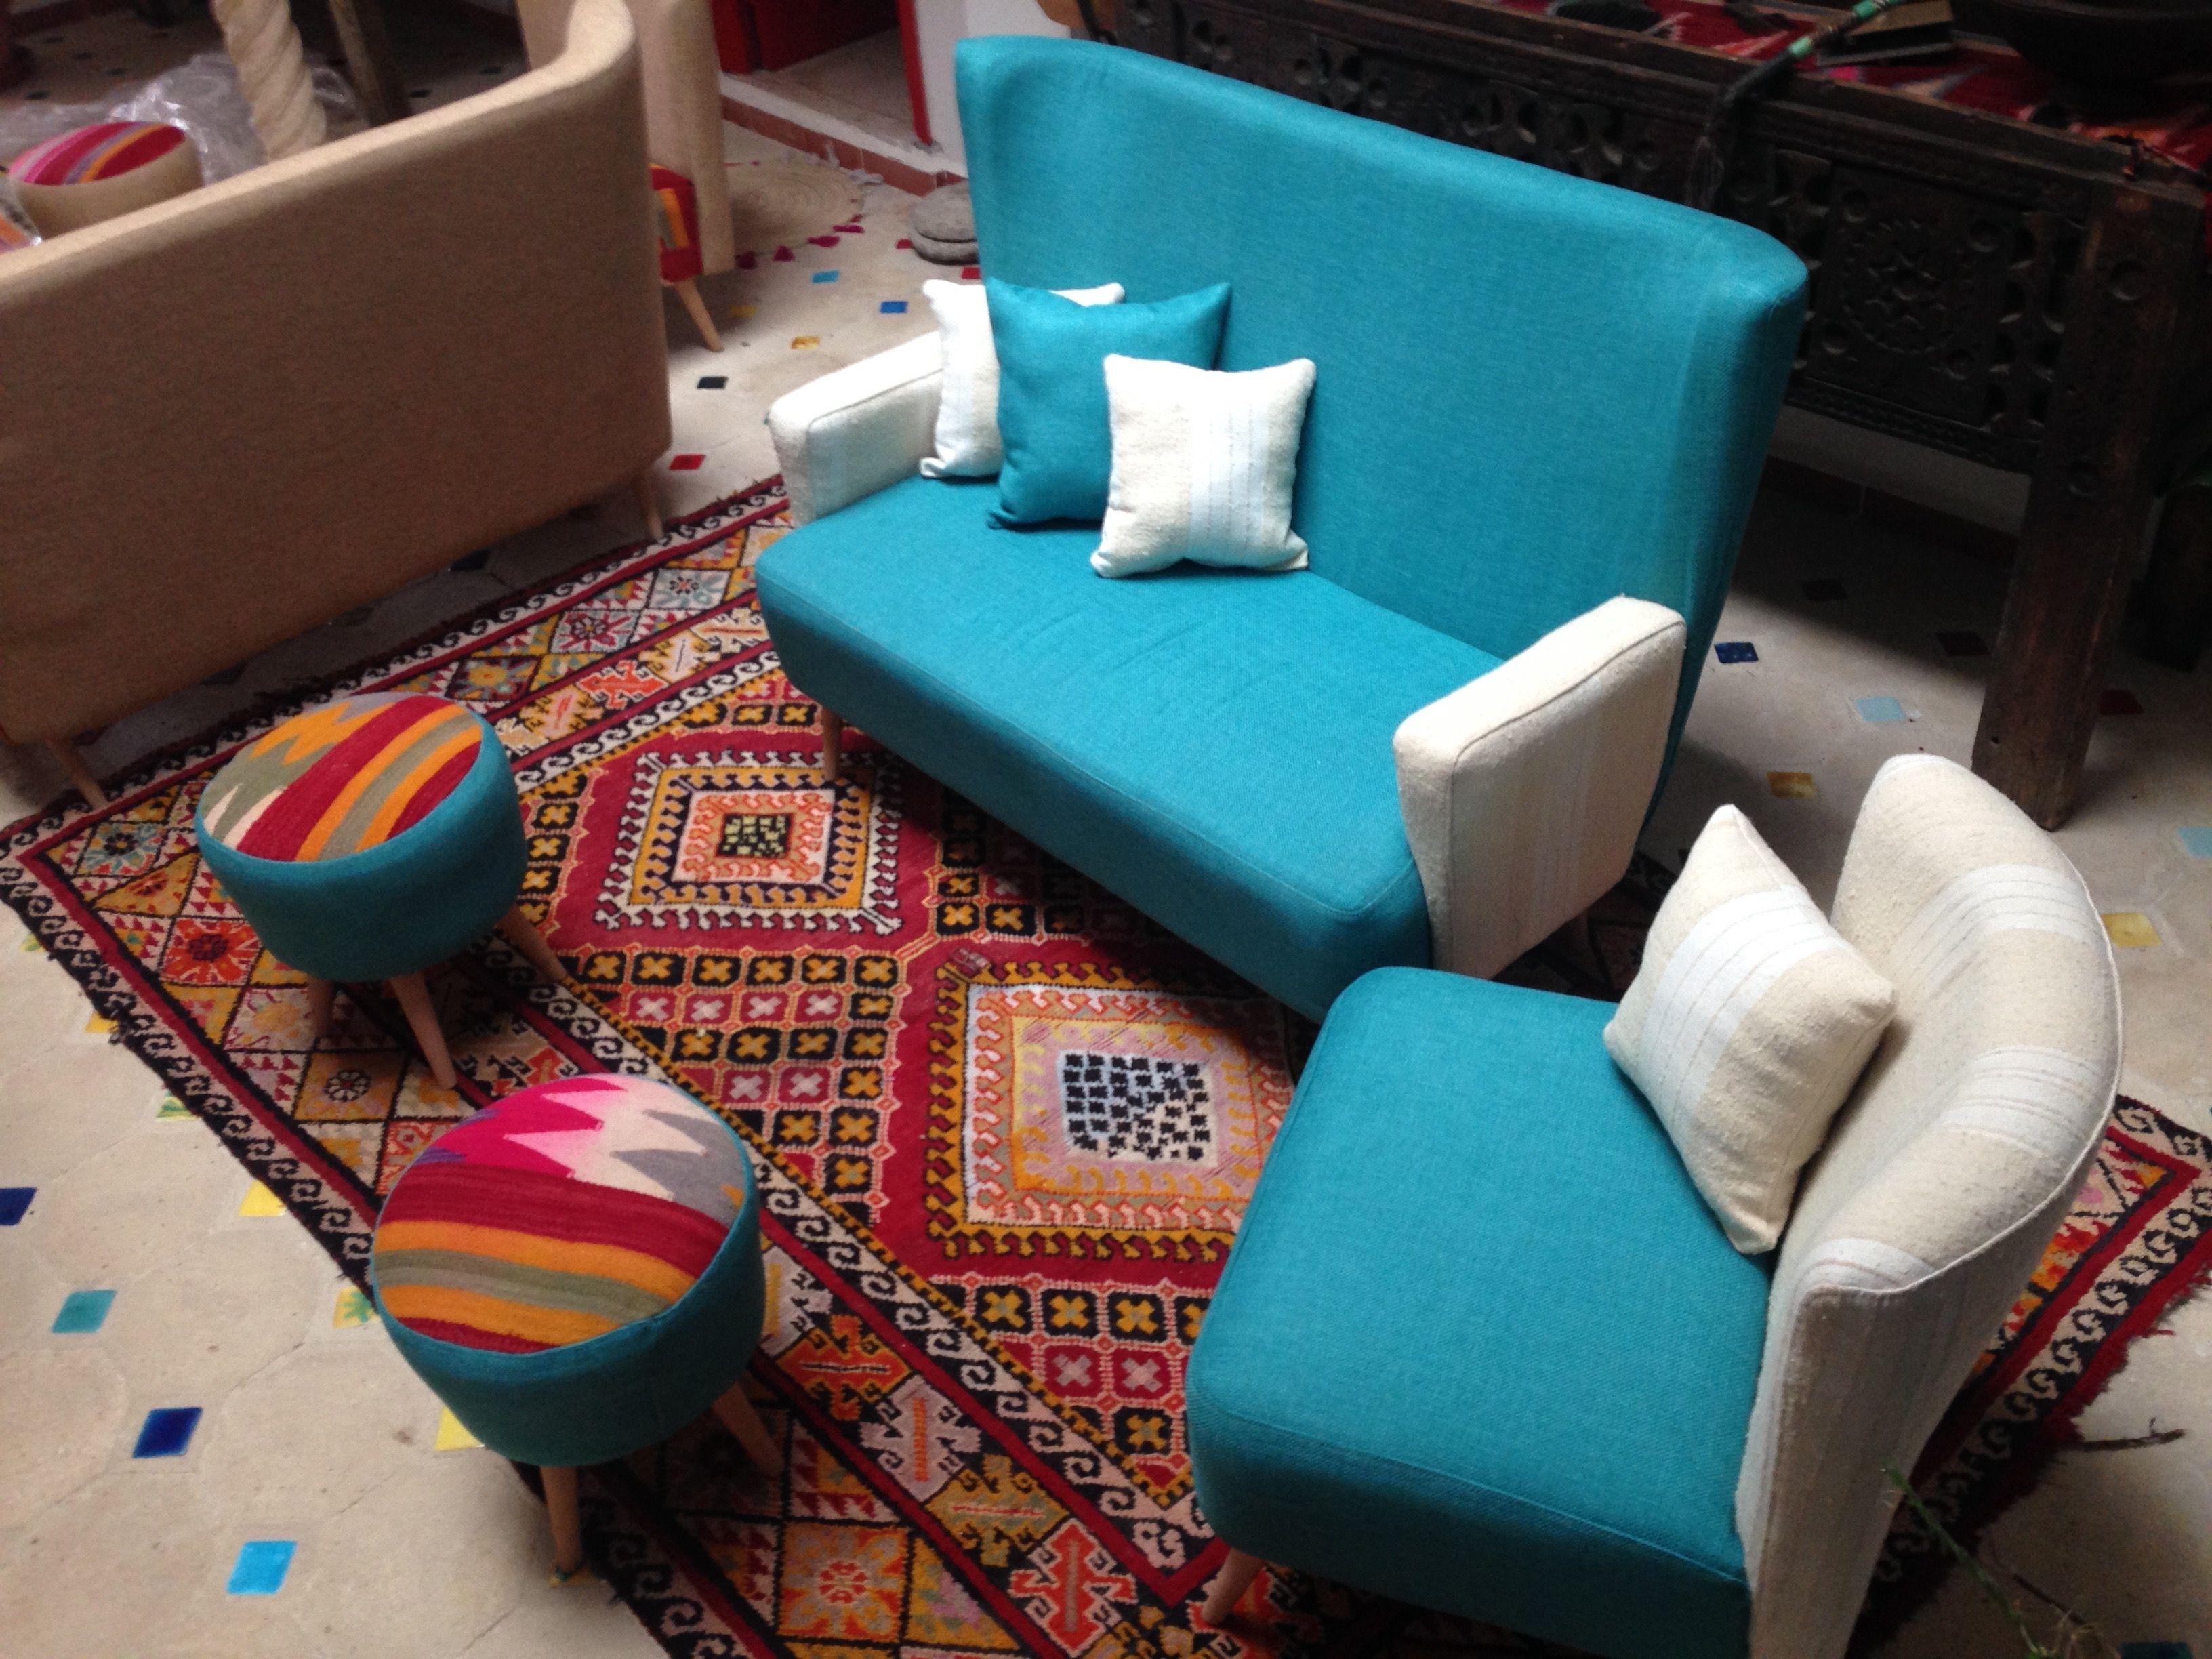 Divan Fauteuil Tabourets By La Dwira Chic Boutique Alger Telemly Hotel Aurassi Artisanat Design Alger Algerie Hassi Home Decor Furniture Decor